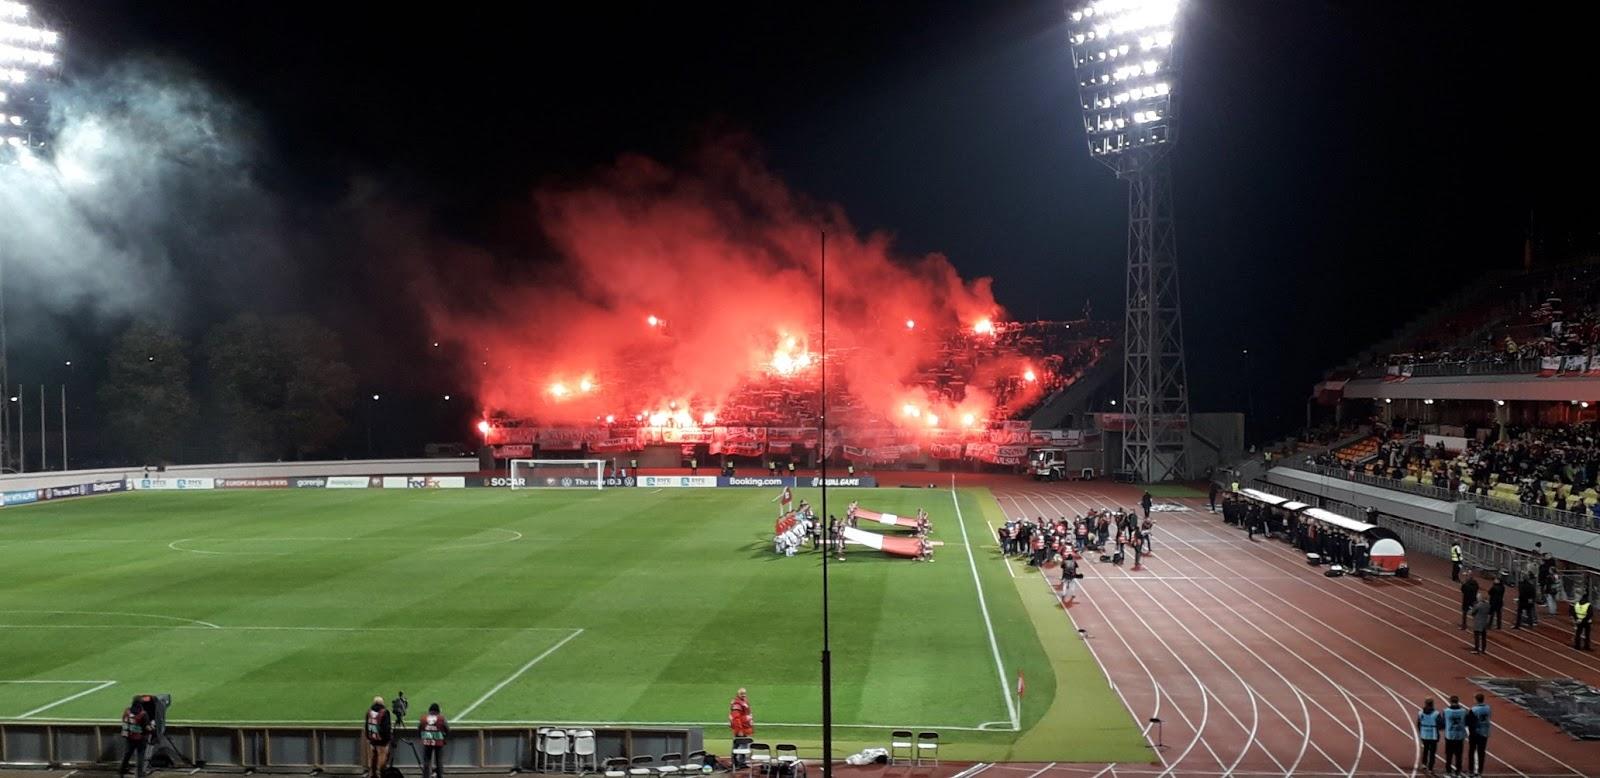 Polijas futbola izlases fani dedzina dūmu sveces